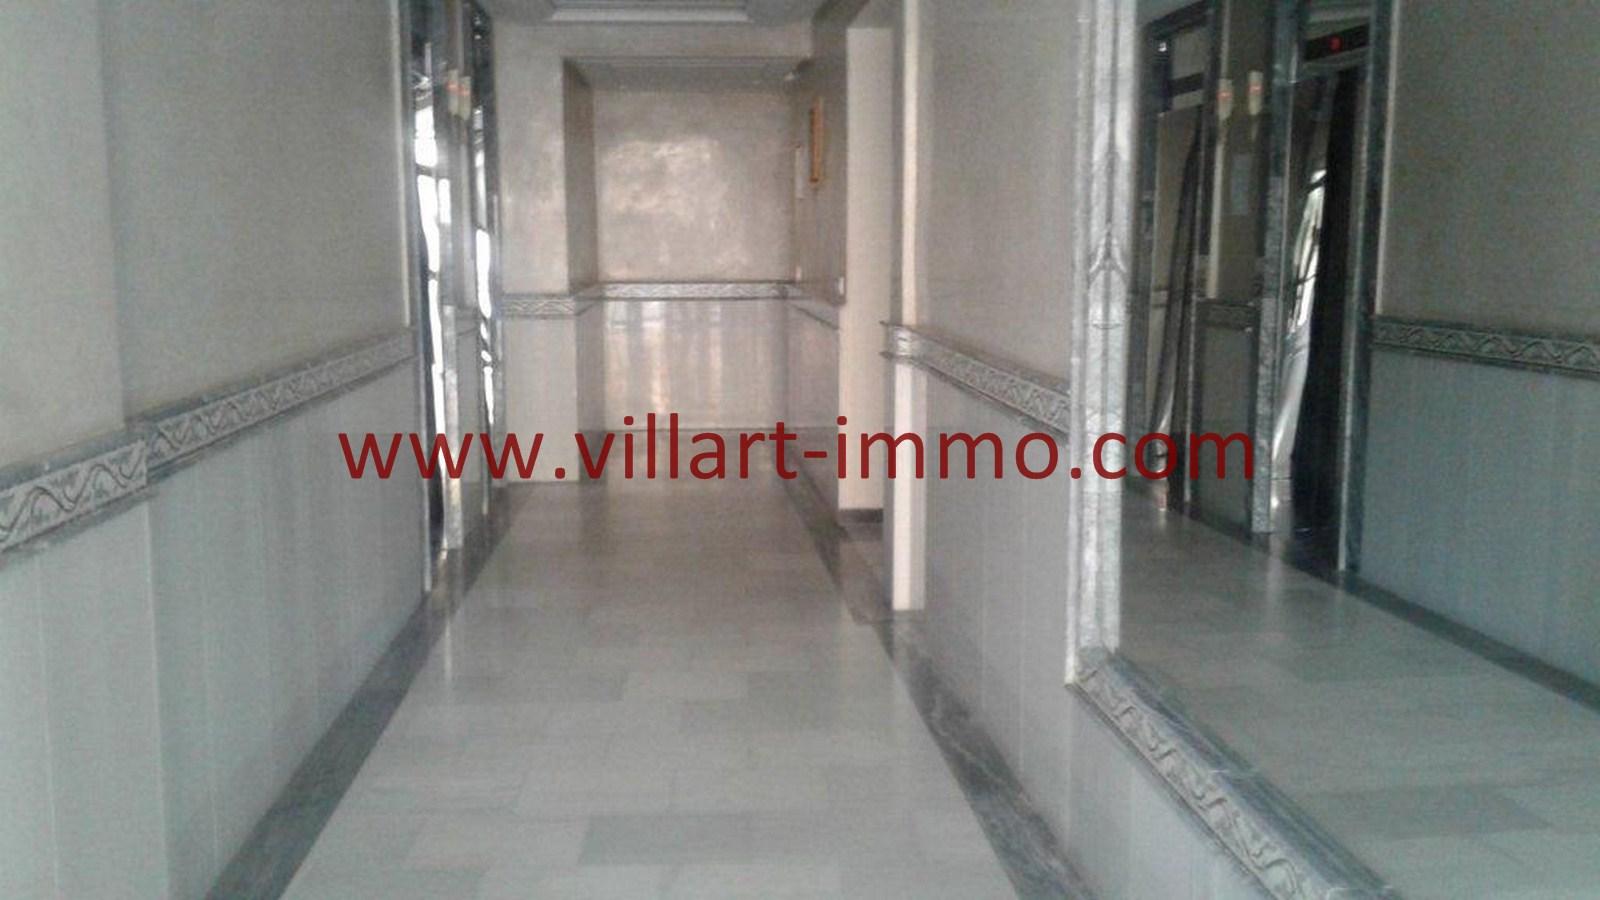 7-A louer-Appartement-Tanger-Castilla-Entrée-L1040-Villart immo-Agence Immobilière